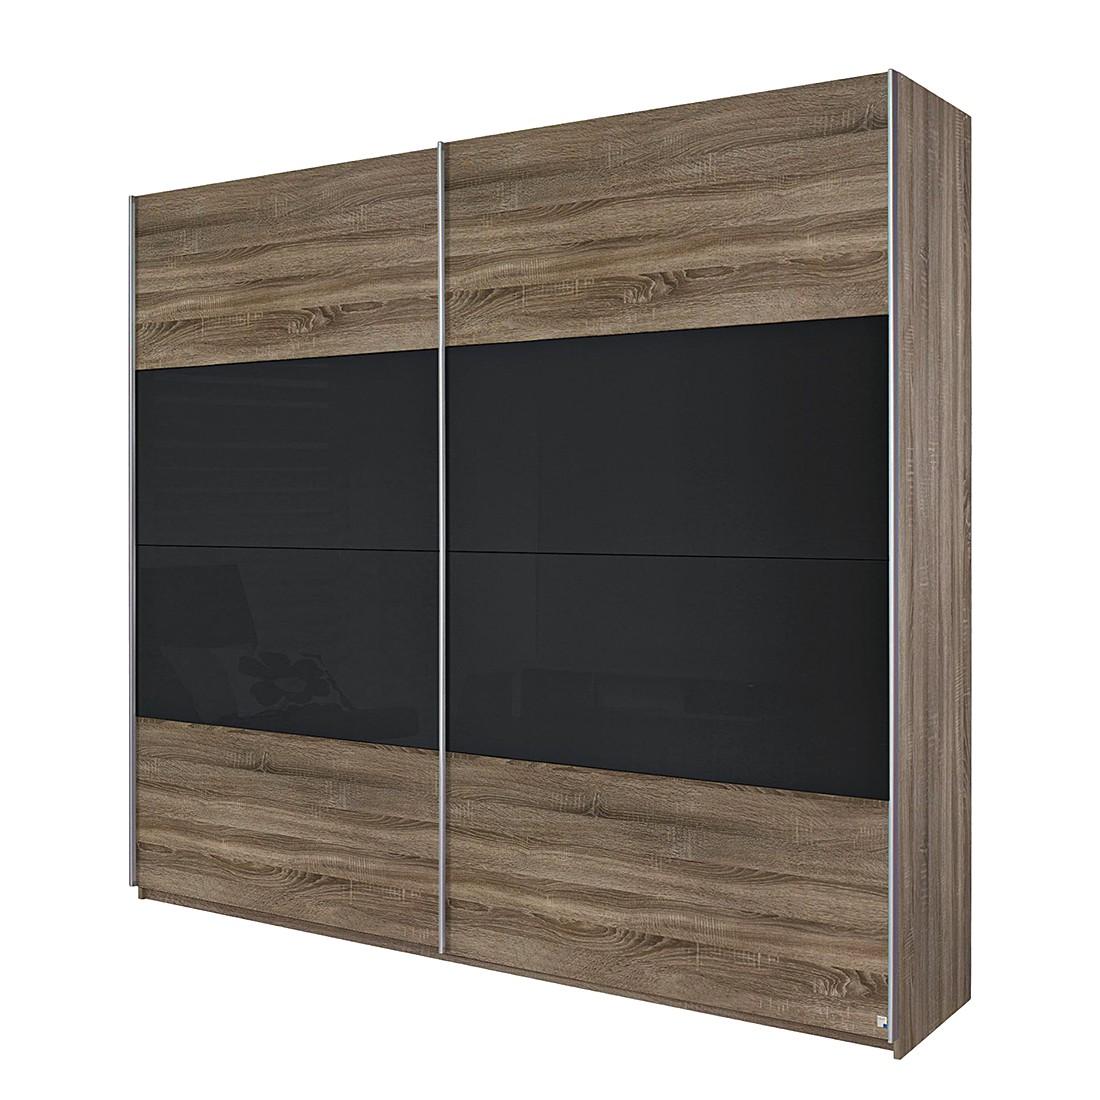 schwebet renschrank quadra eiche havanna glas basalt schrankbreite 181 cm 2 t rig. Black Bedroom Furniture Sets. Home Design Ideas